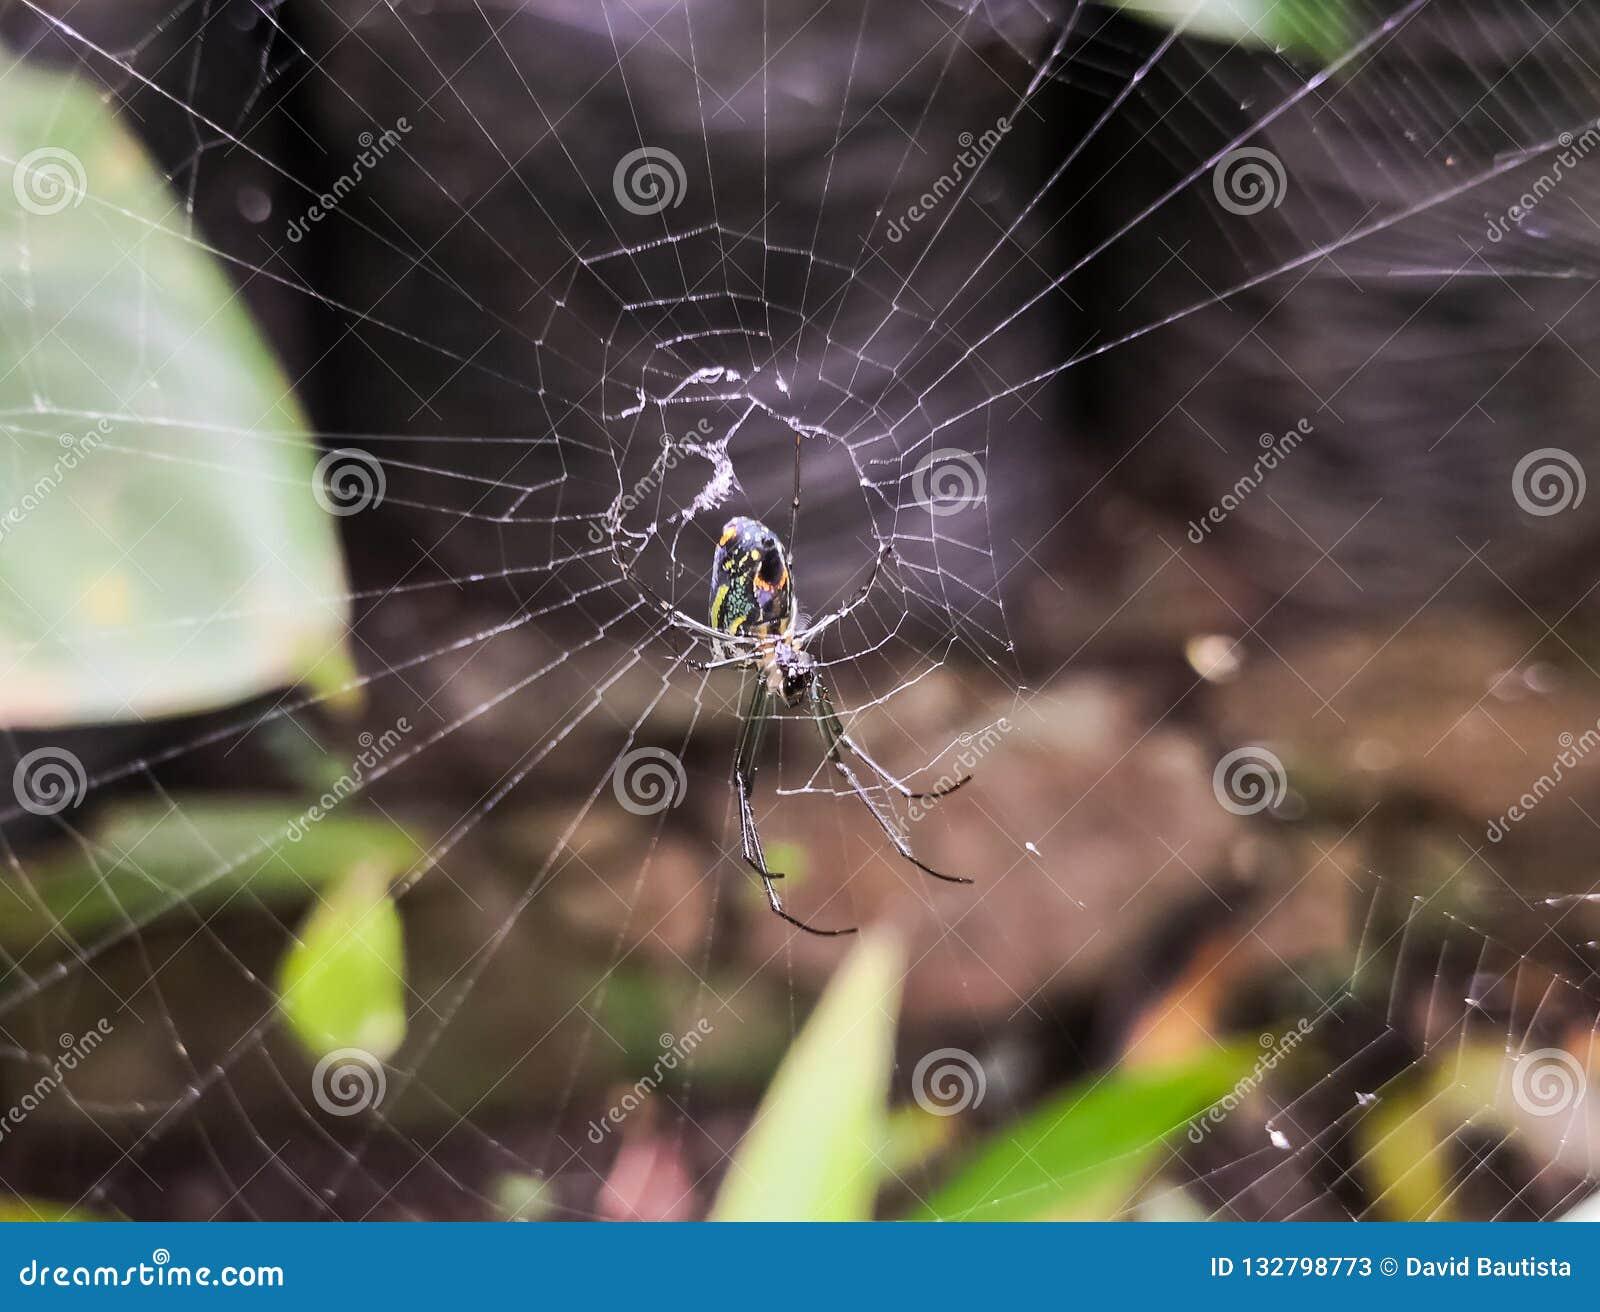 Argiope bruennichi spider below detailed spiderweb